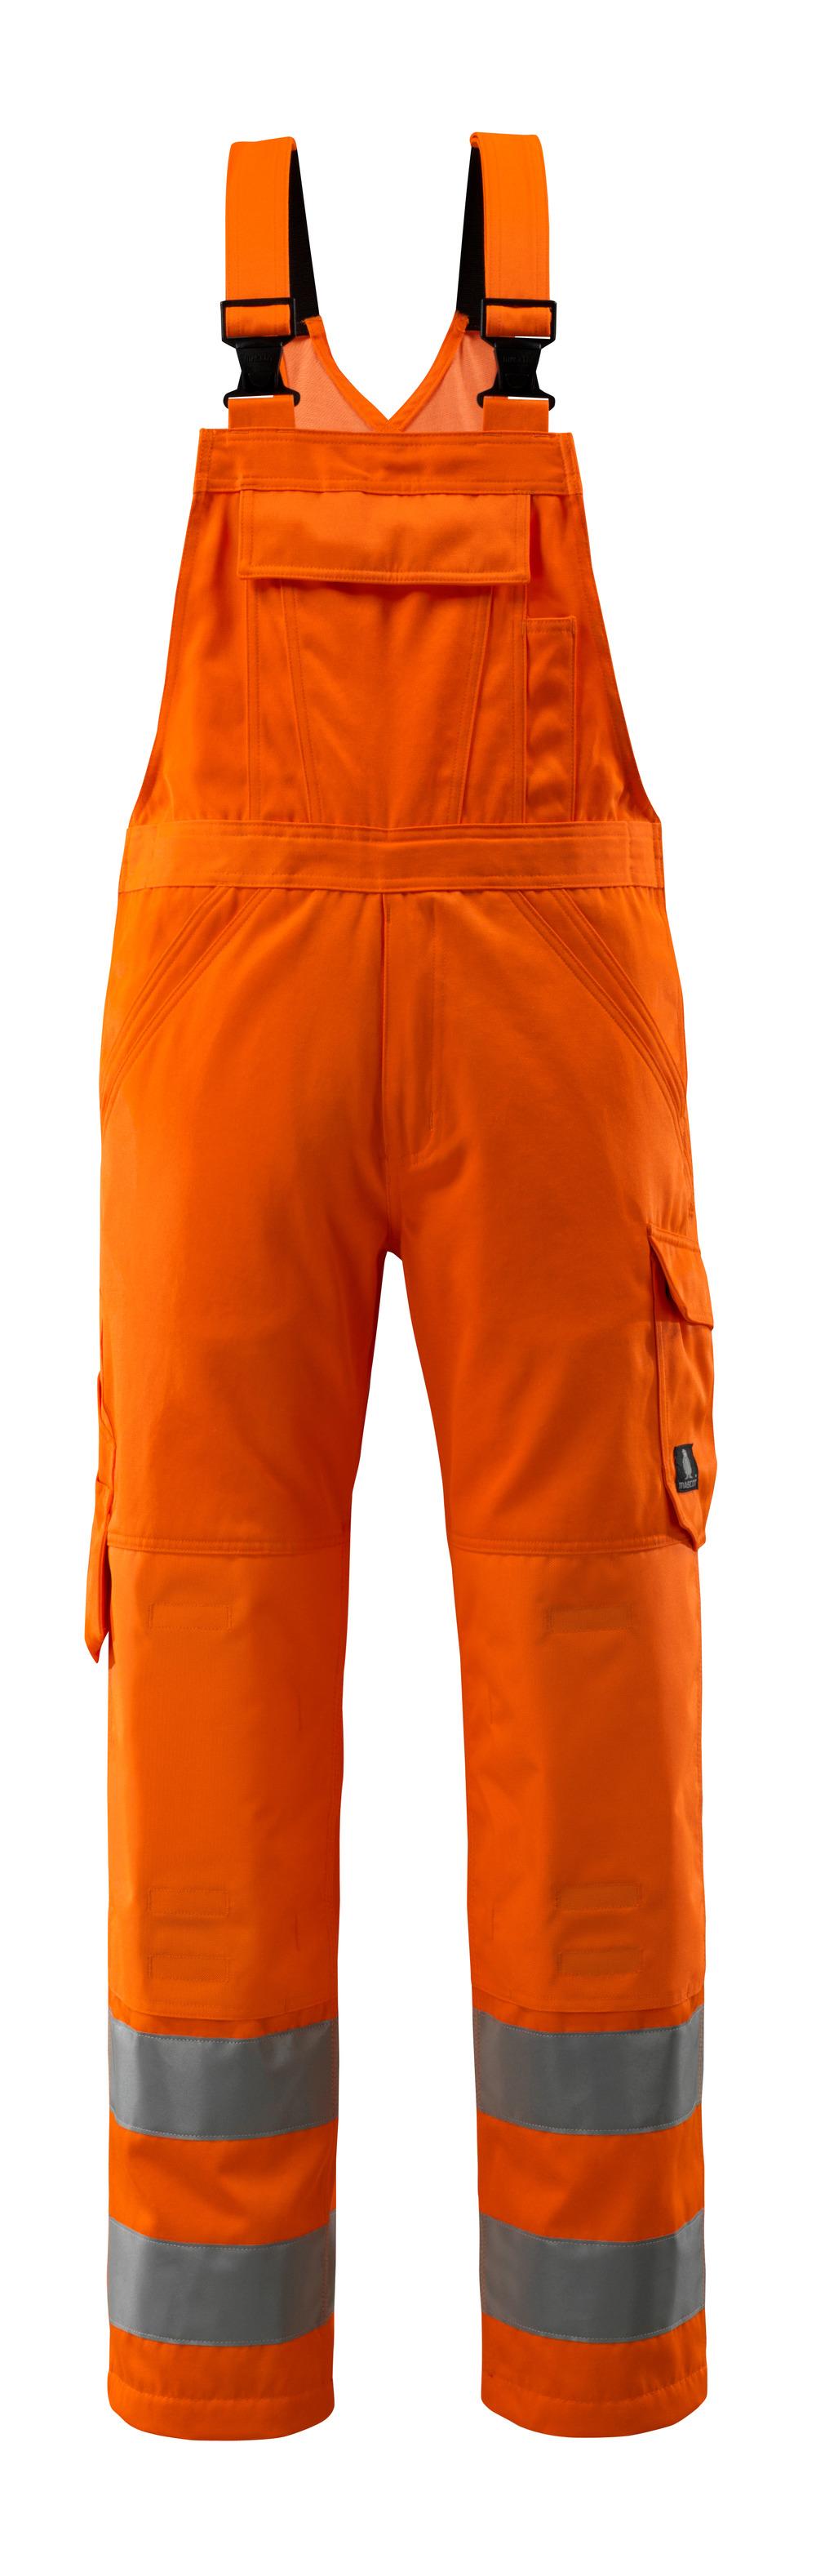 16869-860-14 Salopette avec poches genouillères - Hi-vis orange